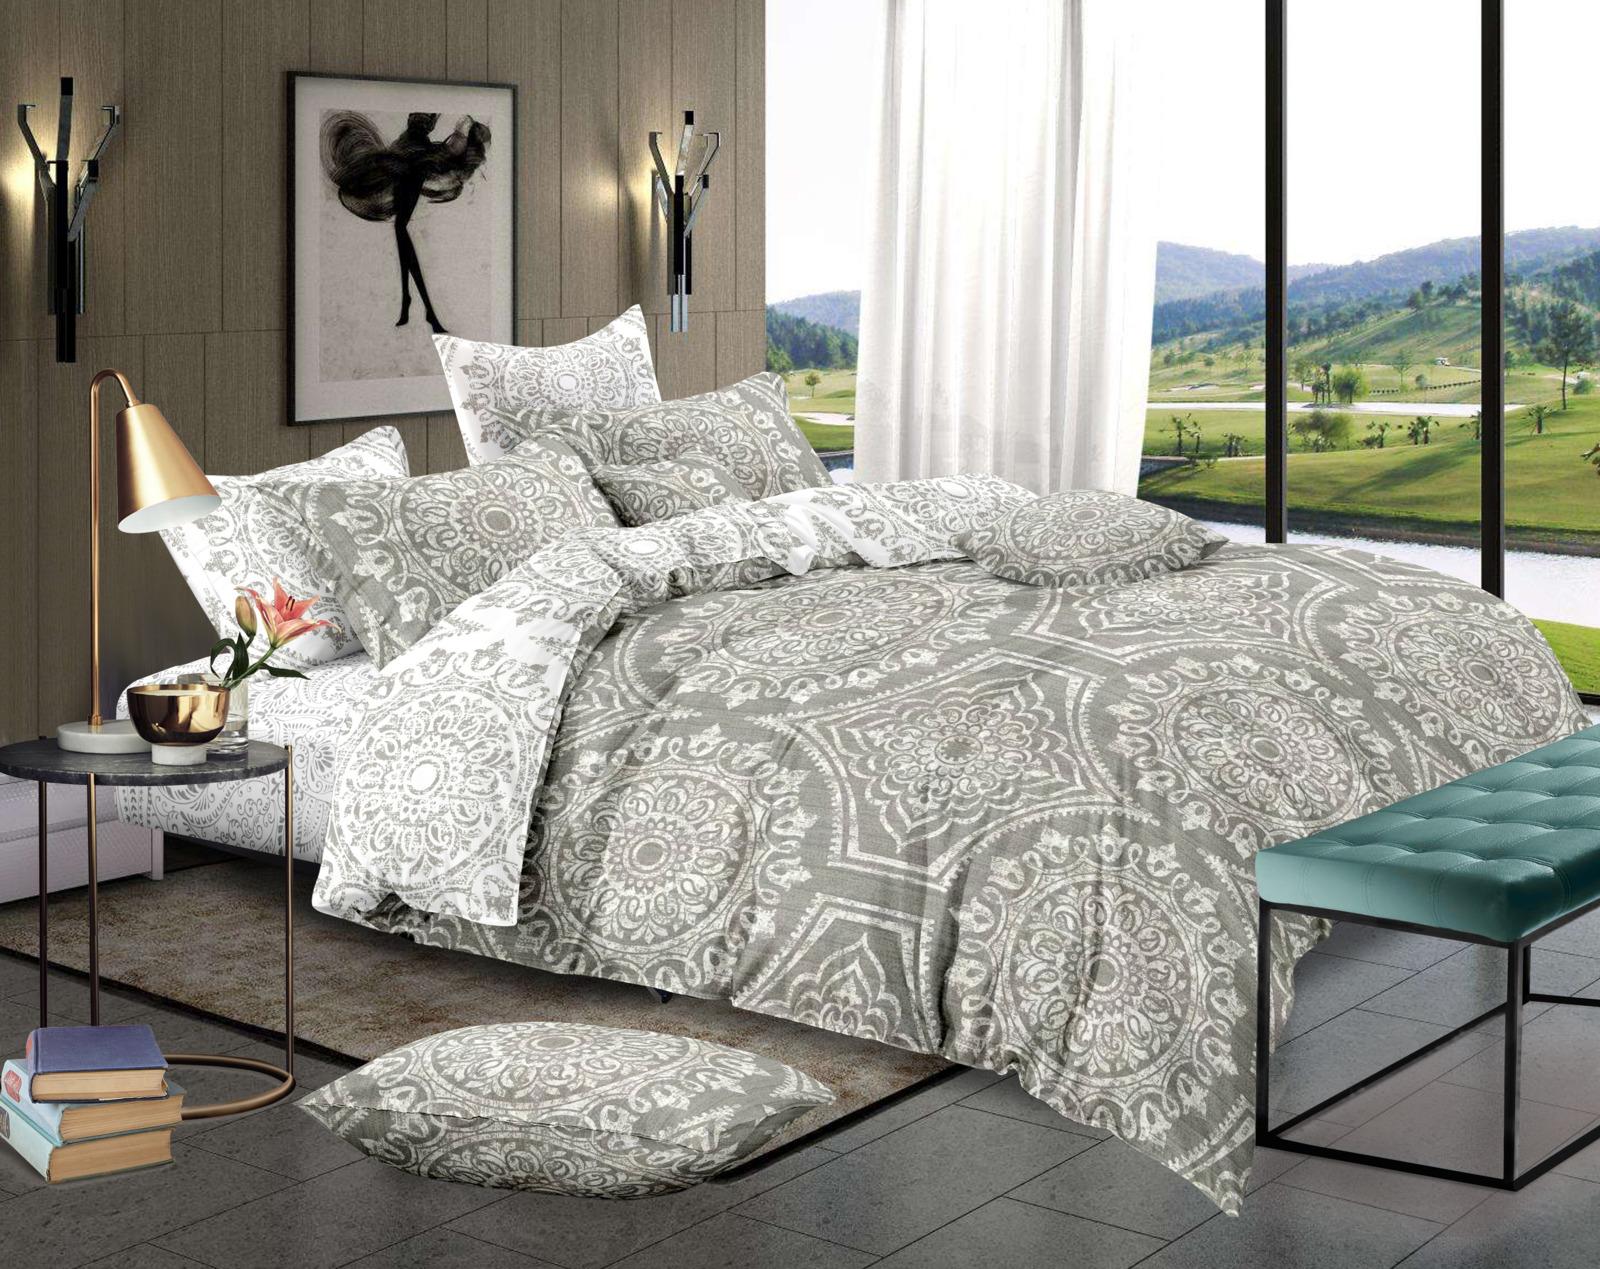 Комплект постельного белья Amore Mio Gold Edward, 7847, бежевый, 2-спальный, наволочки 70x70